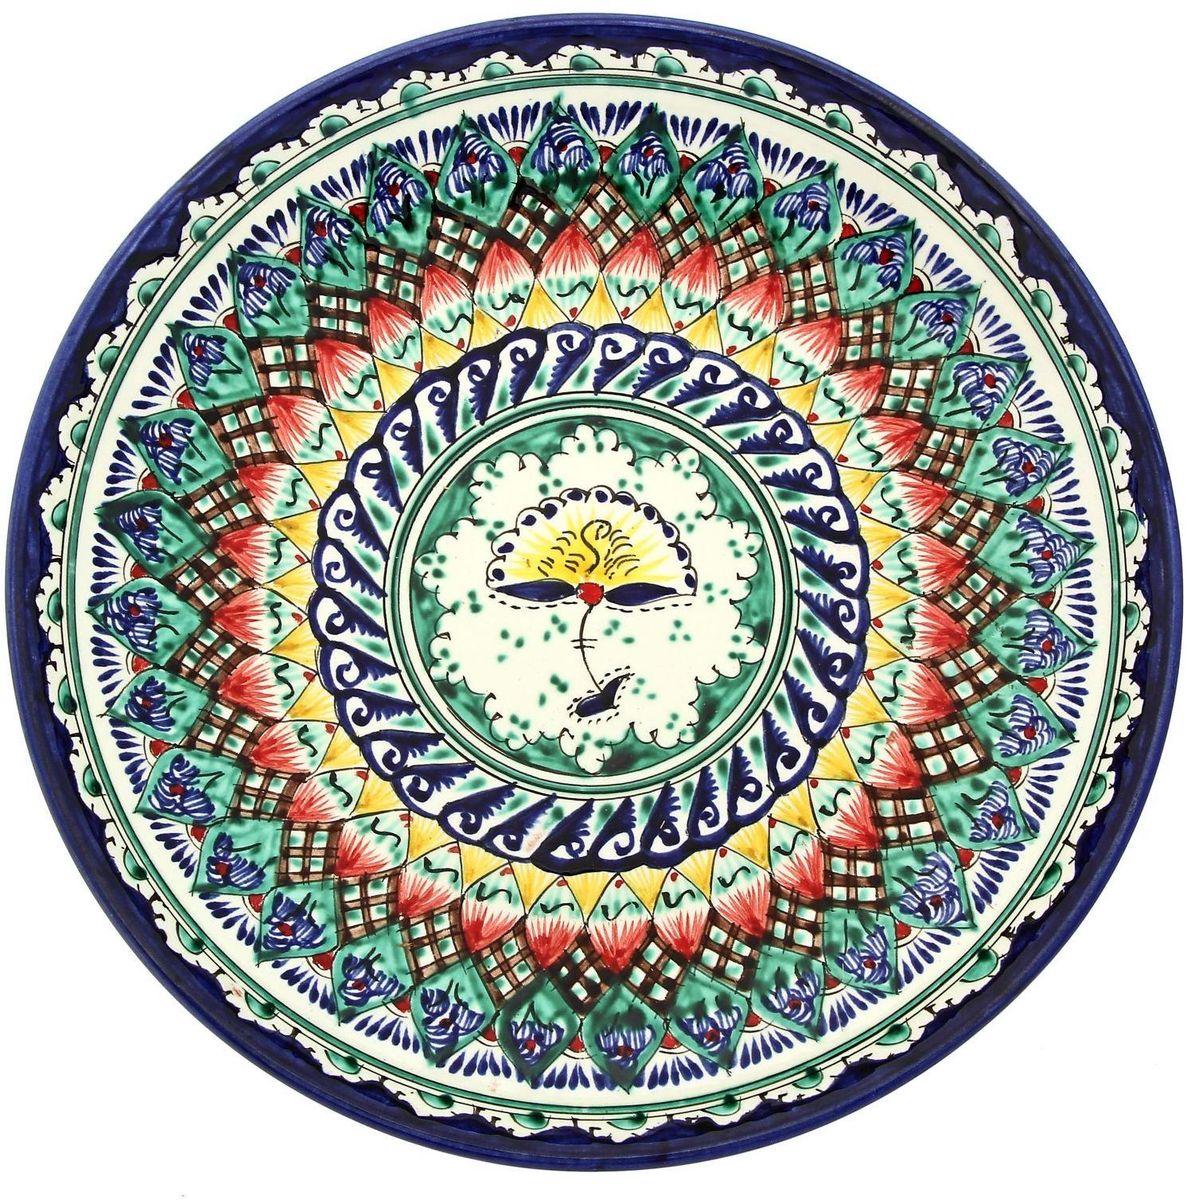 Ляган Риштанская керамика, диаметр 28 см. 19234601923460Ляган — это не просто обеденный атрибут, это украшение стола. Посуда с национальной росписью станет отменным подарком для ценителей высокородной посуды.Риштан — город на востоке Узбекистана, один из древнейших в Ферганской долине. С давних времён Риштан славится своим гончарным искусством изготовления цветной керамики. Красноватую глину для изделия добывают в самом городе. Мастера утверждают, что их глина настолько высокого качества, что даже не нуждается в предварительной обработке. Дополните коллекцию кухонных аксессуаров пряными восточными нотами.